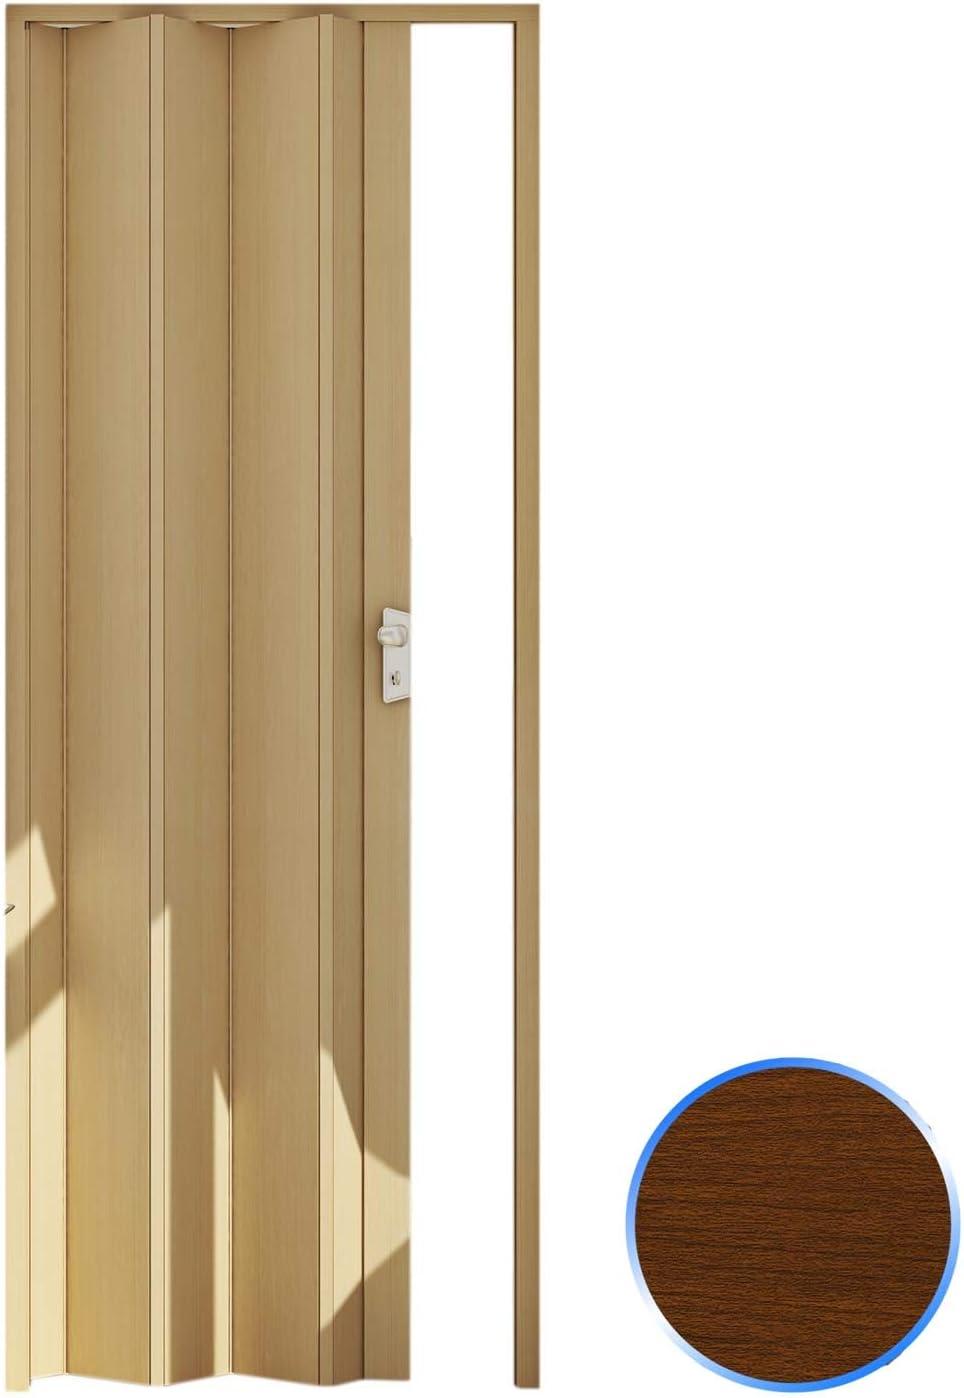 Forte Puerta Plegable de Interior de PVC Madera Oscura 83x214 cm Mod.Maya